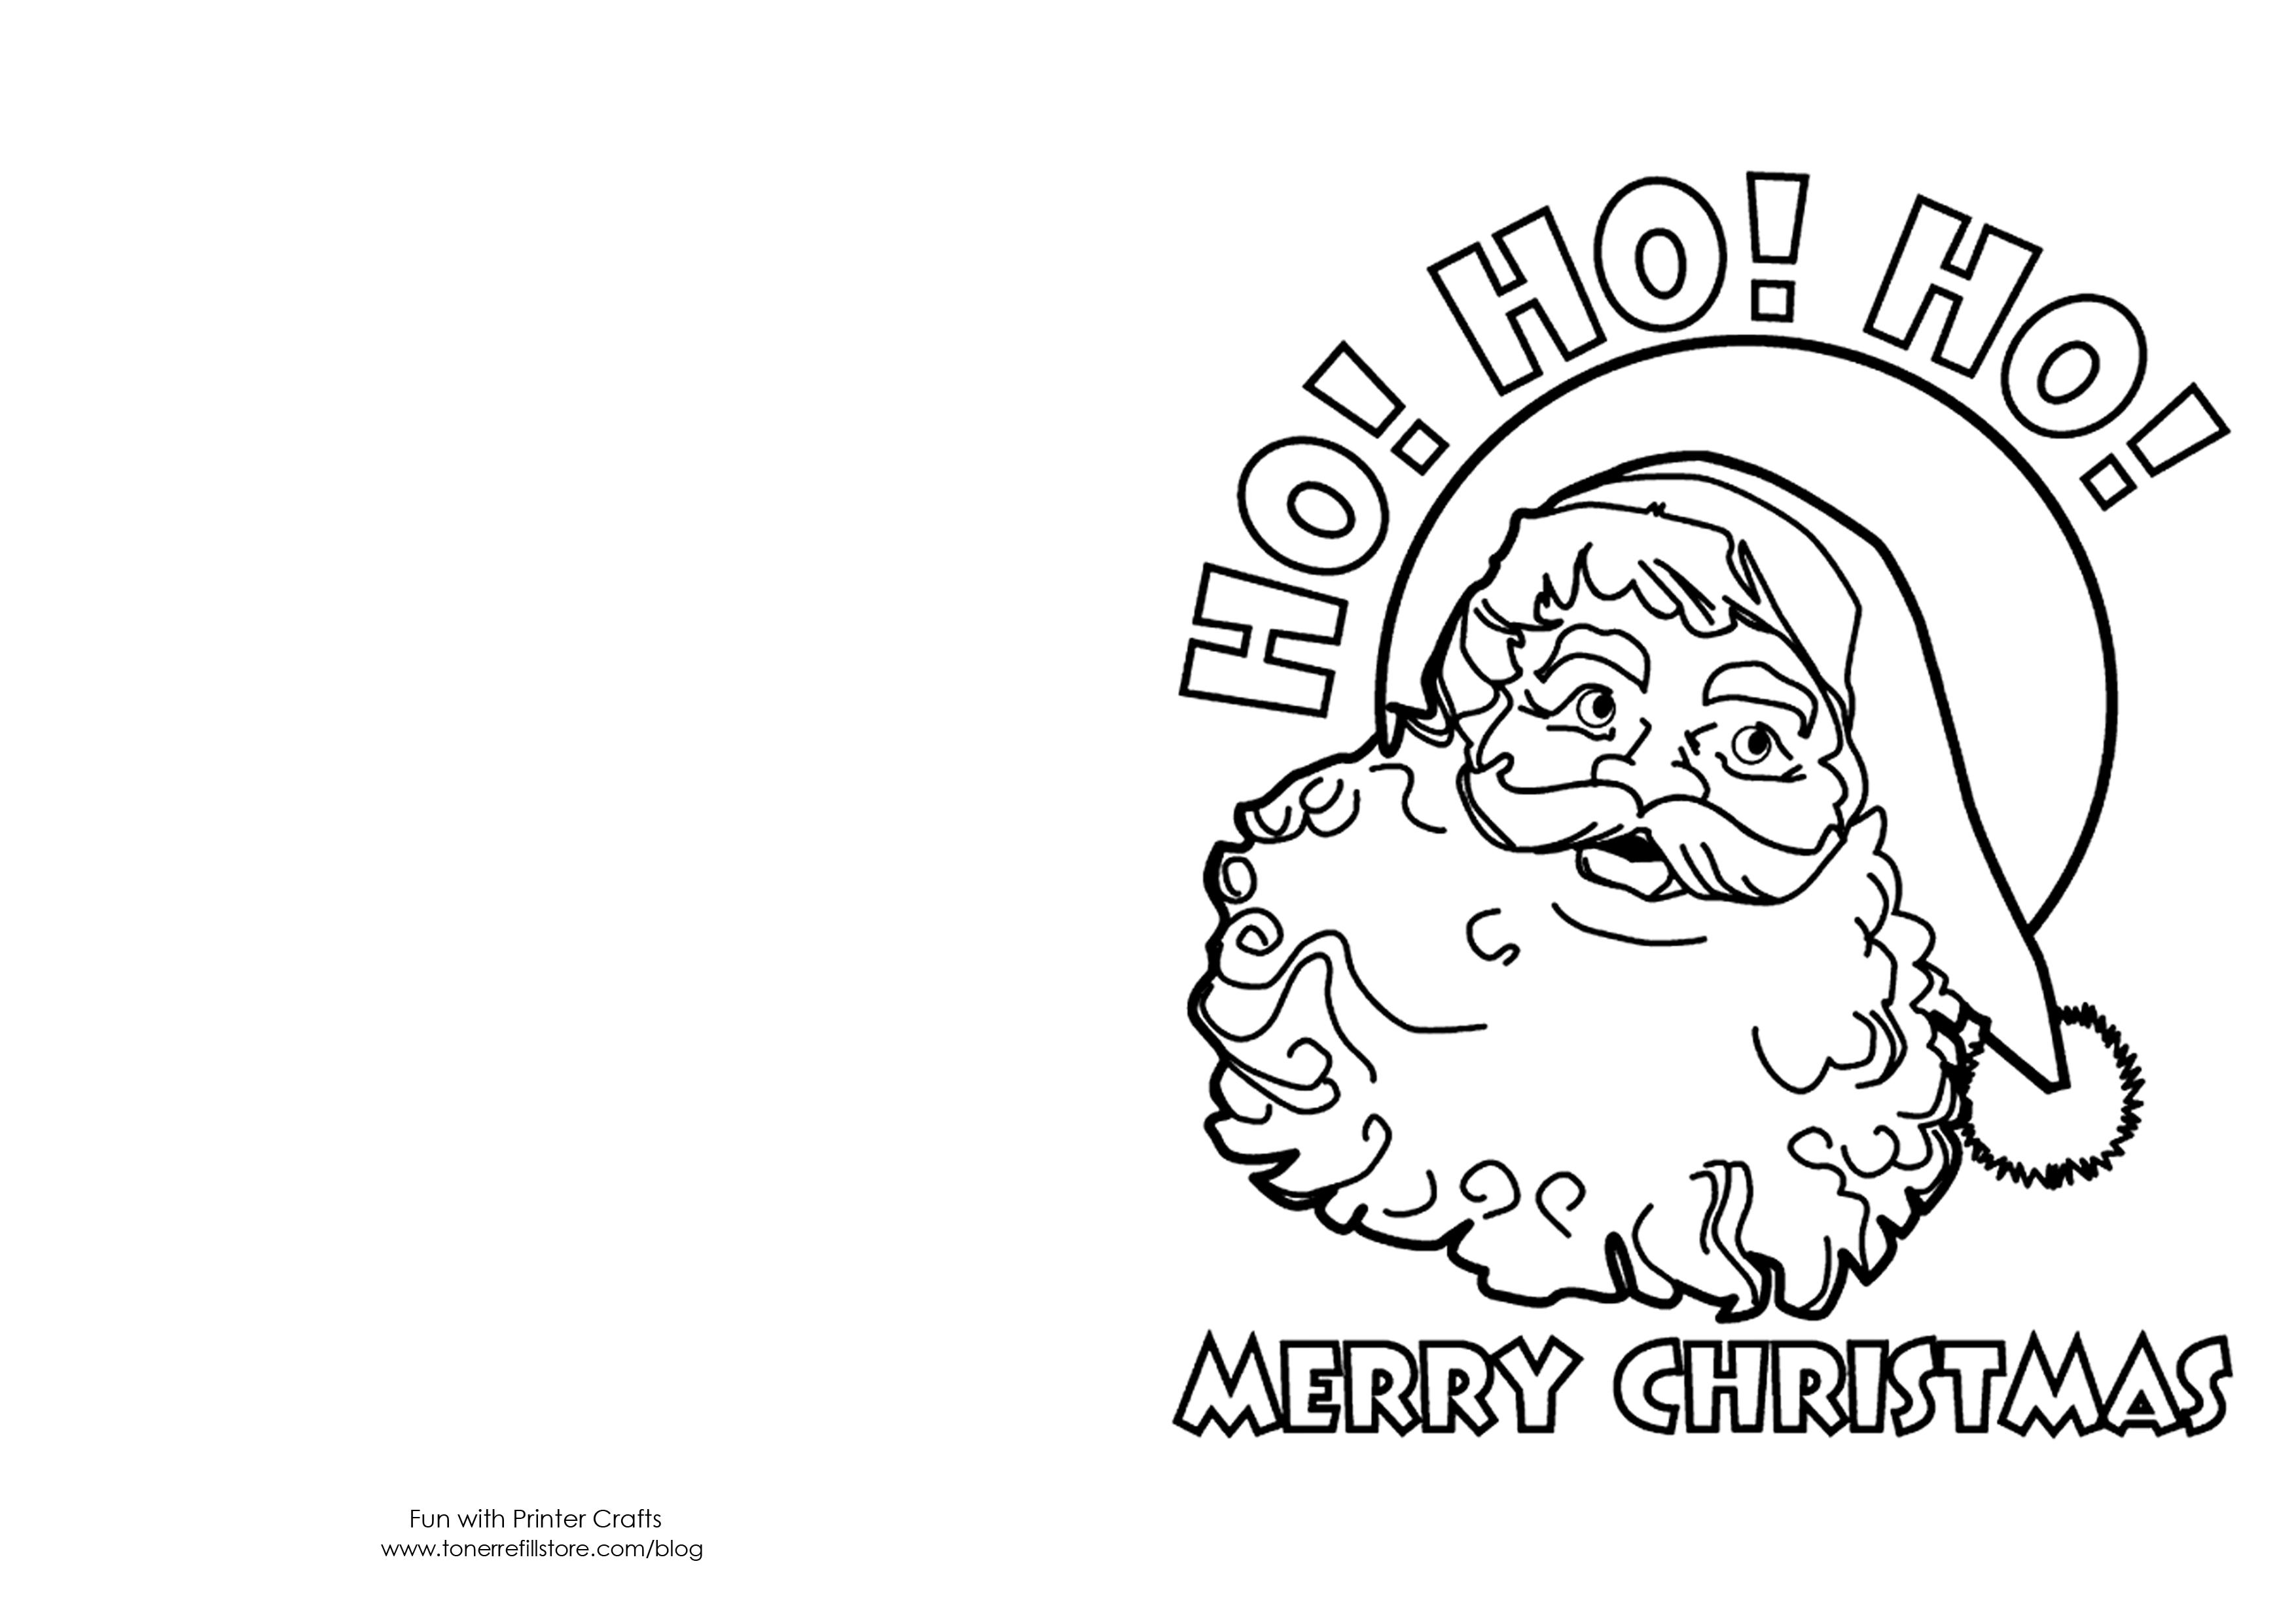 christmas card coloring how to make printable christmas cards for kids to color christmas card coloring